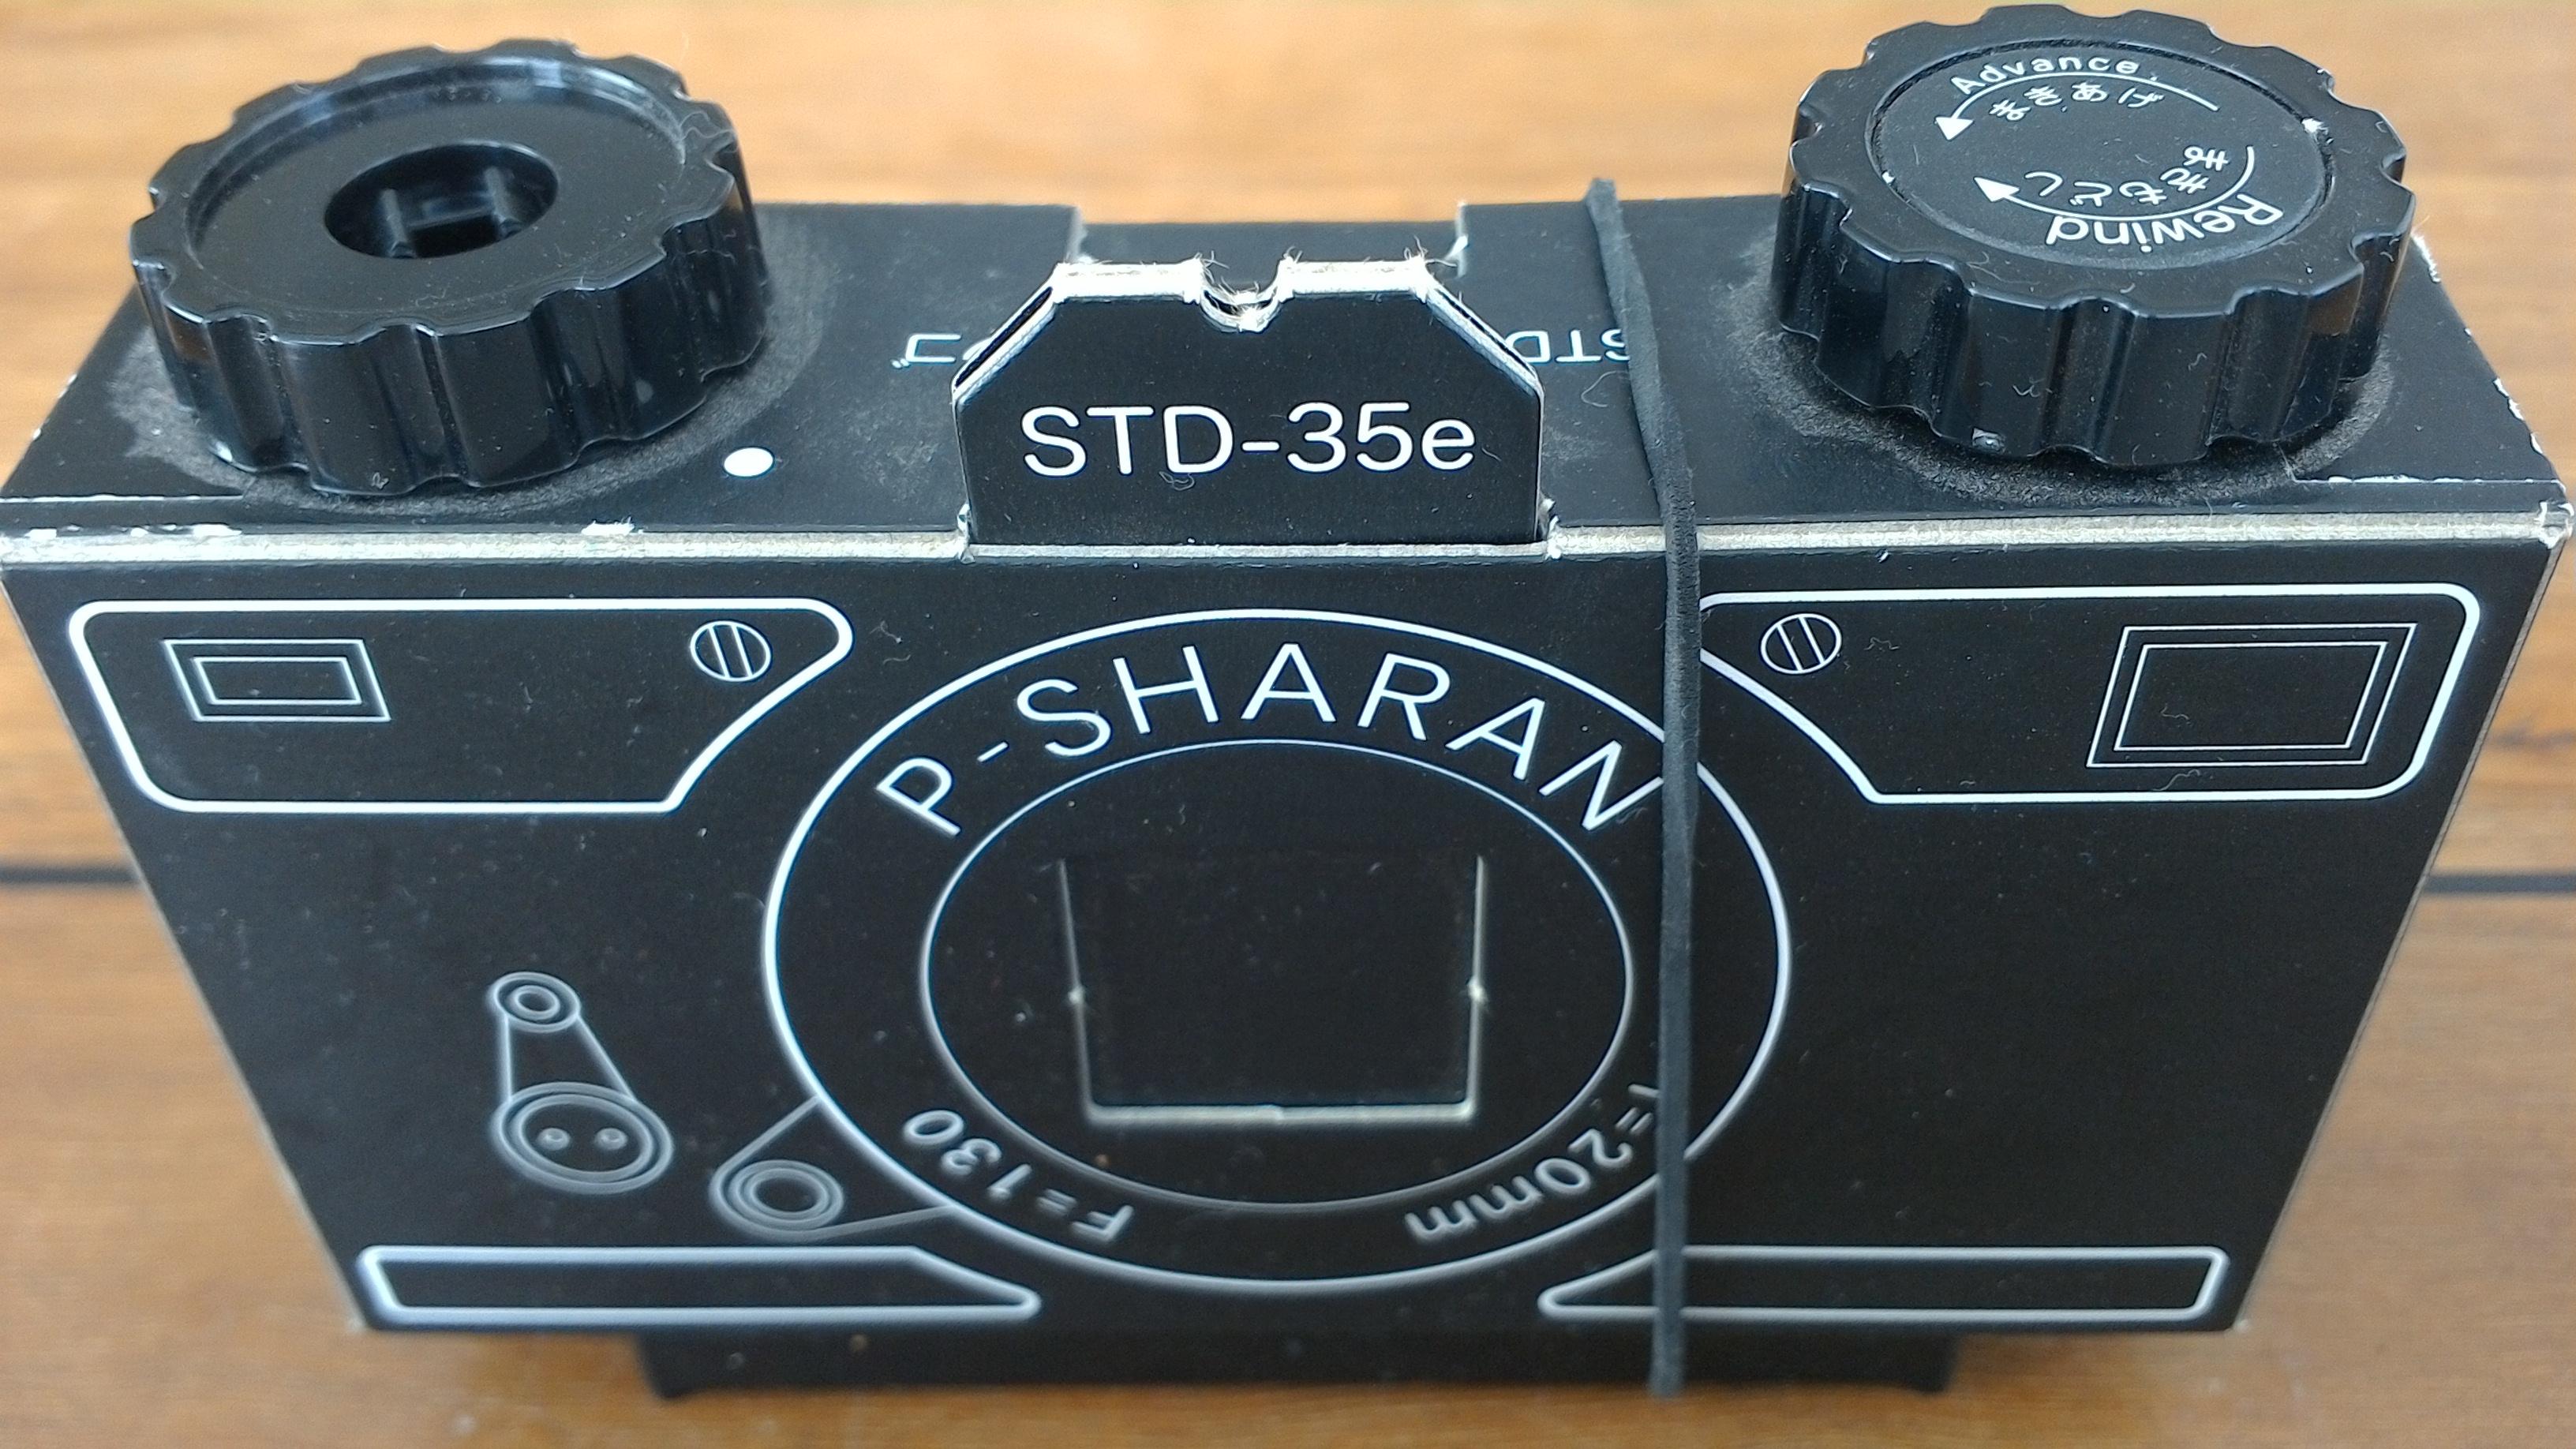 The P Sharan